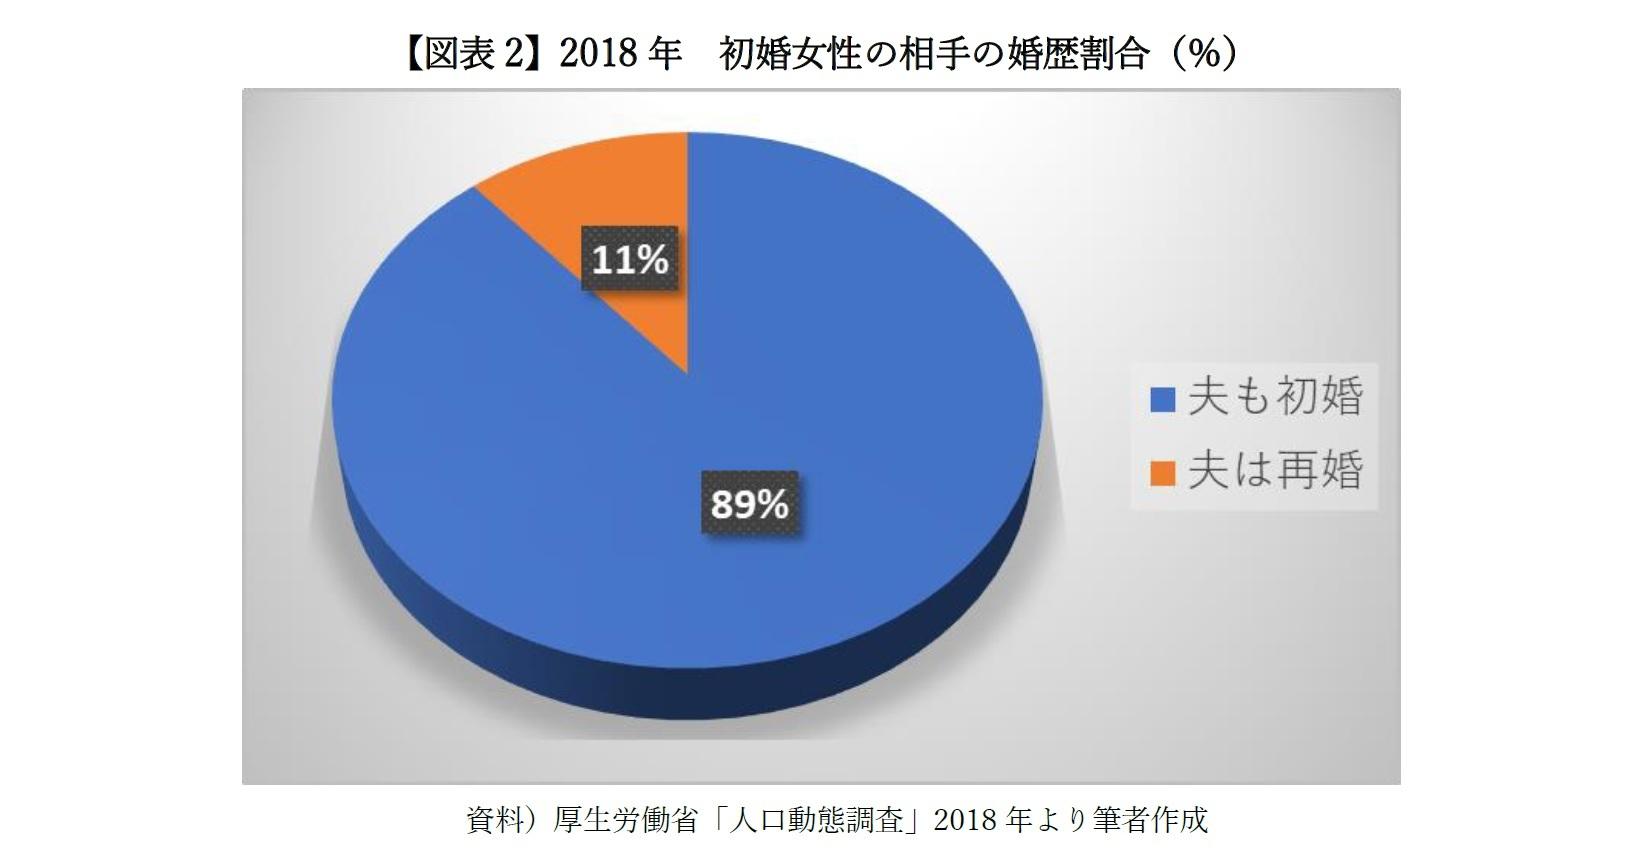 【図表2】2018年 初婚女性の相手の婚歴割合(%)